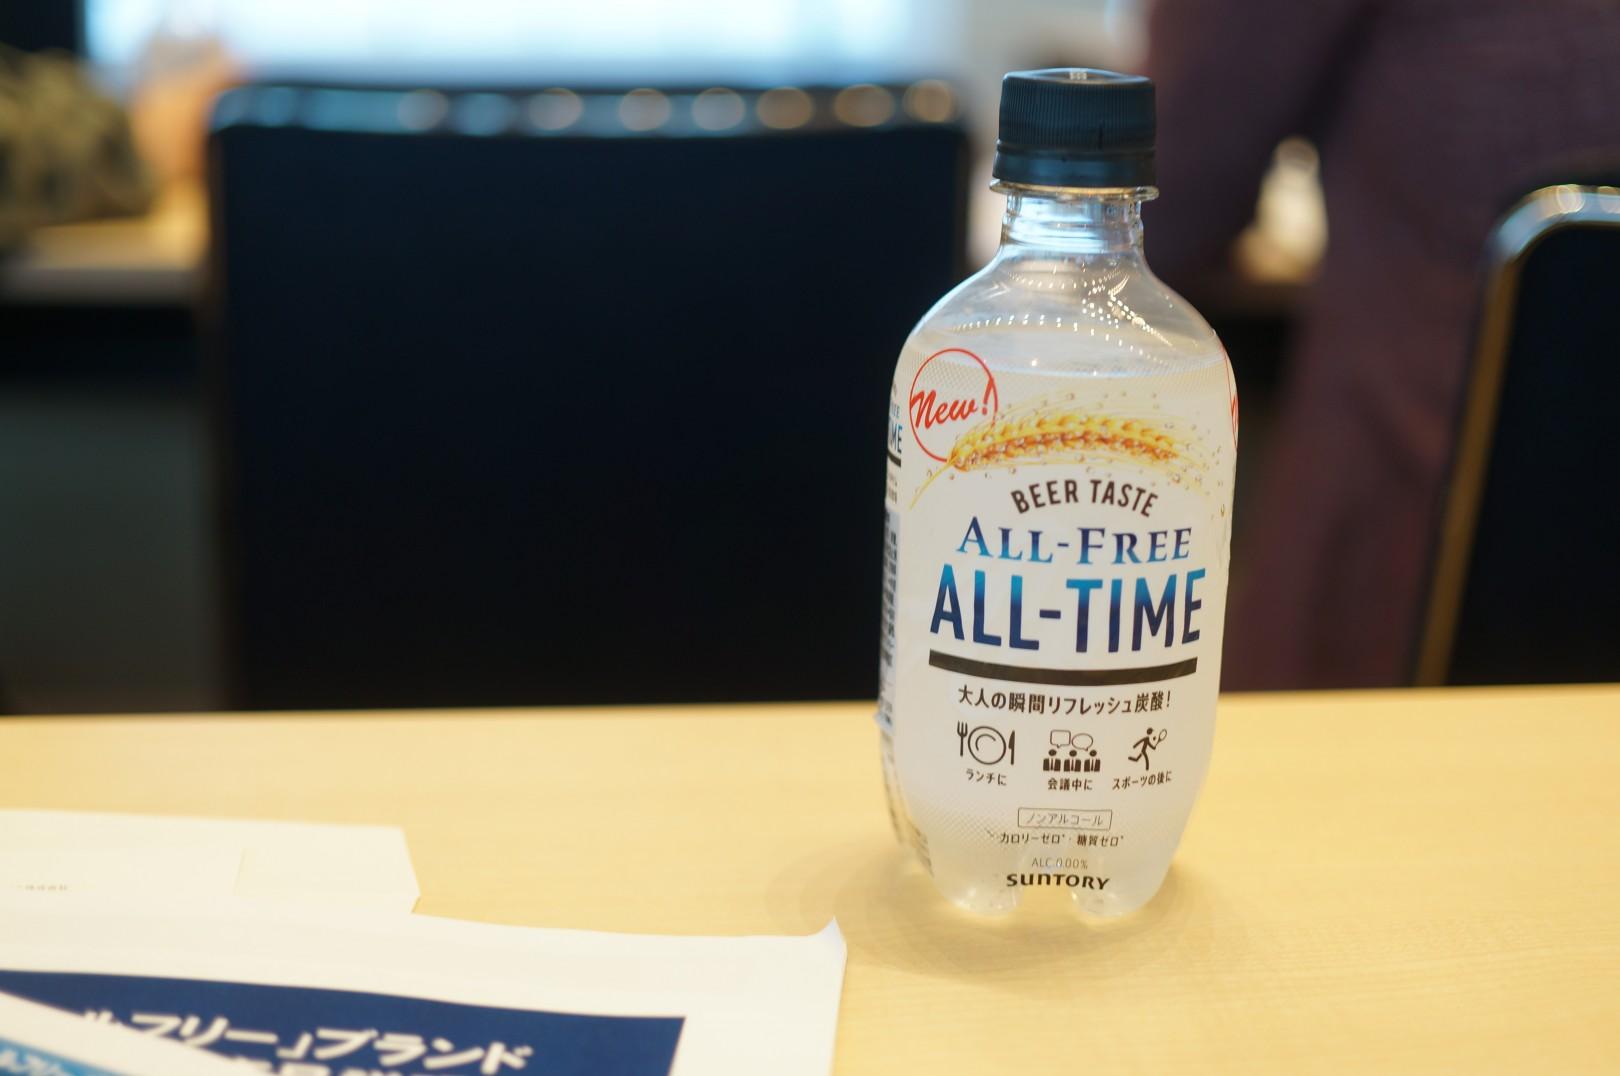 サントリー、初の透明なノンアルコールビール発売 オフィスでの業務中など、昼間の飲用に : お料理速報